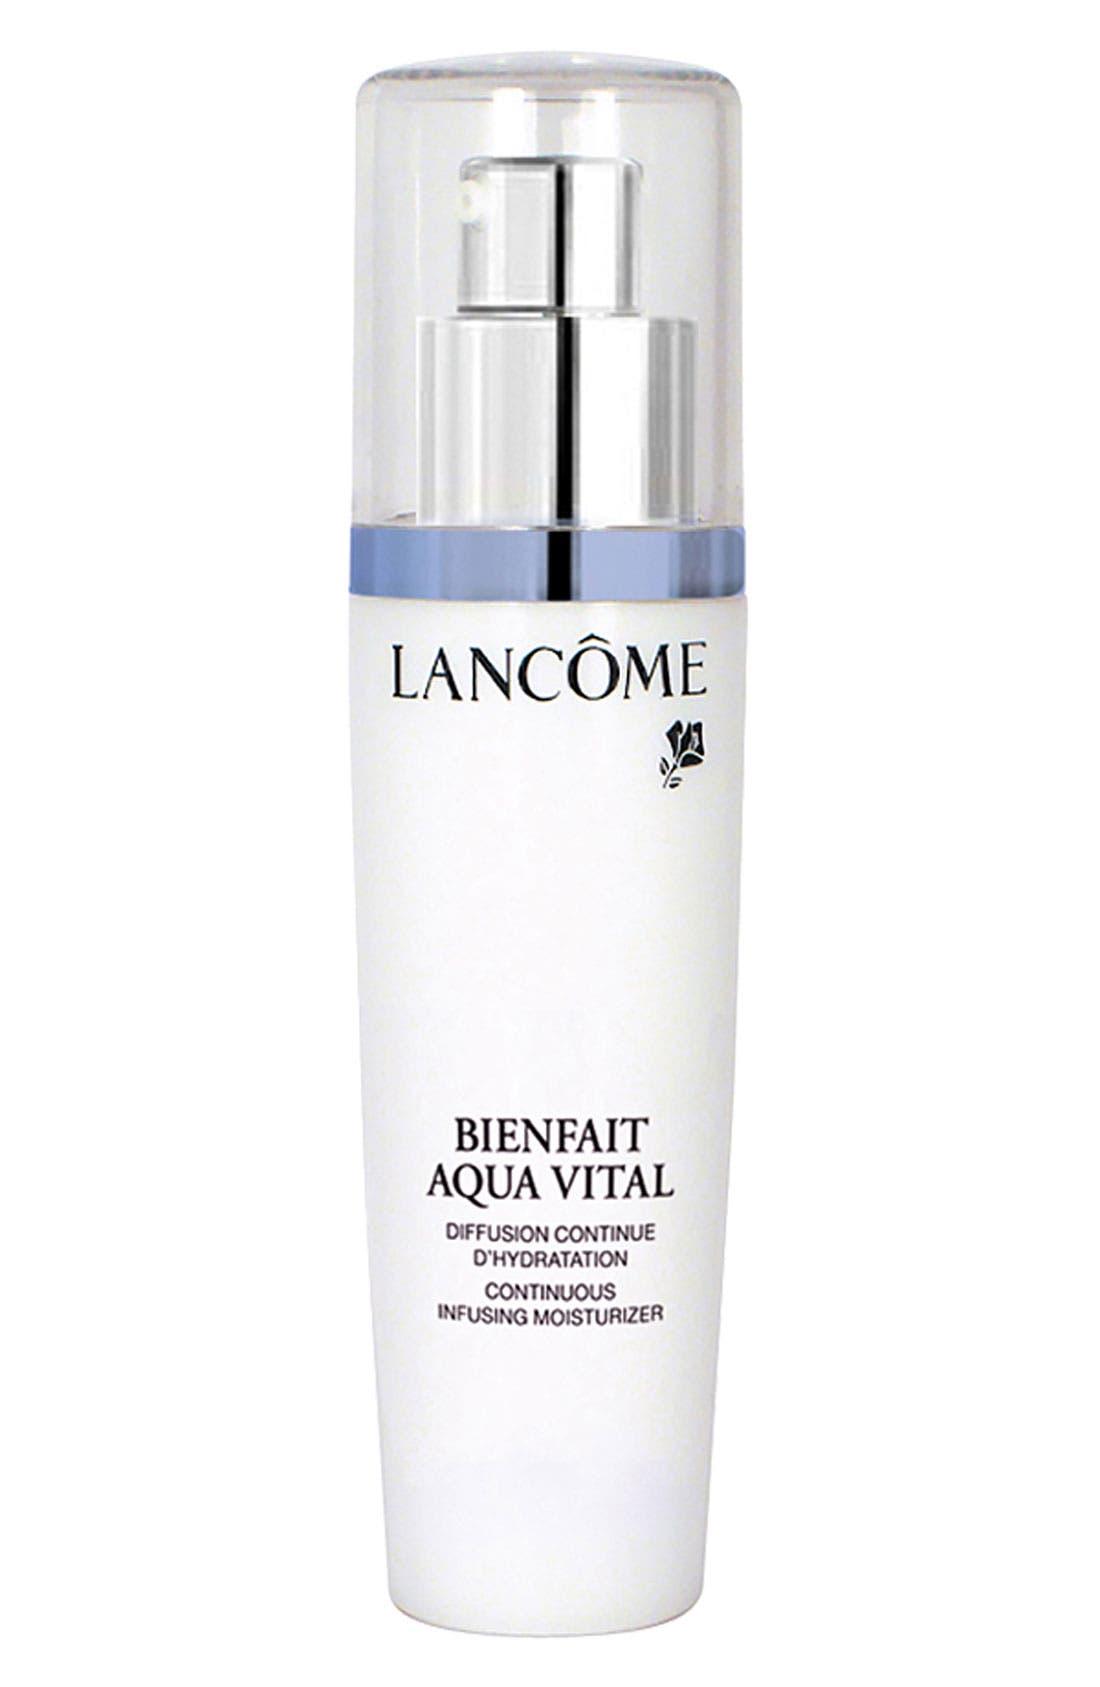 Lancome Bienfait Aqua Vital Continuous Infusing Moisturizer Lotion